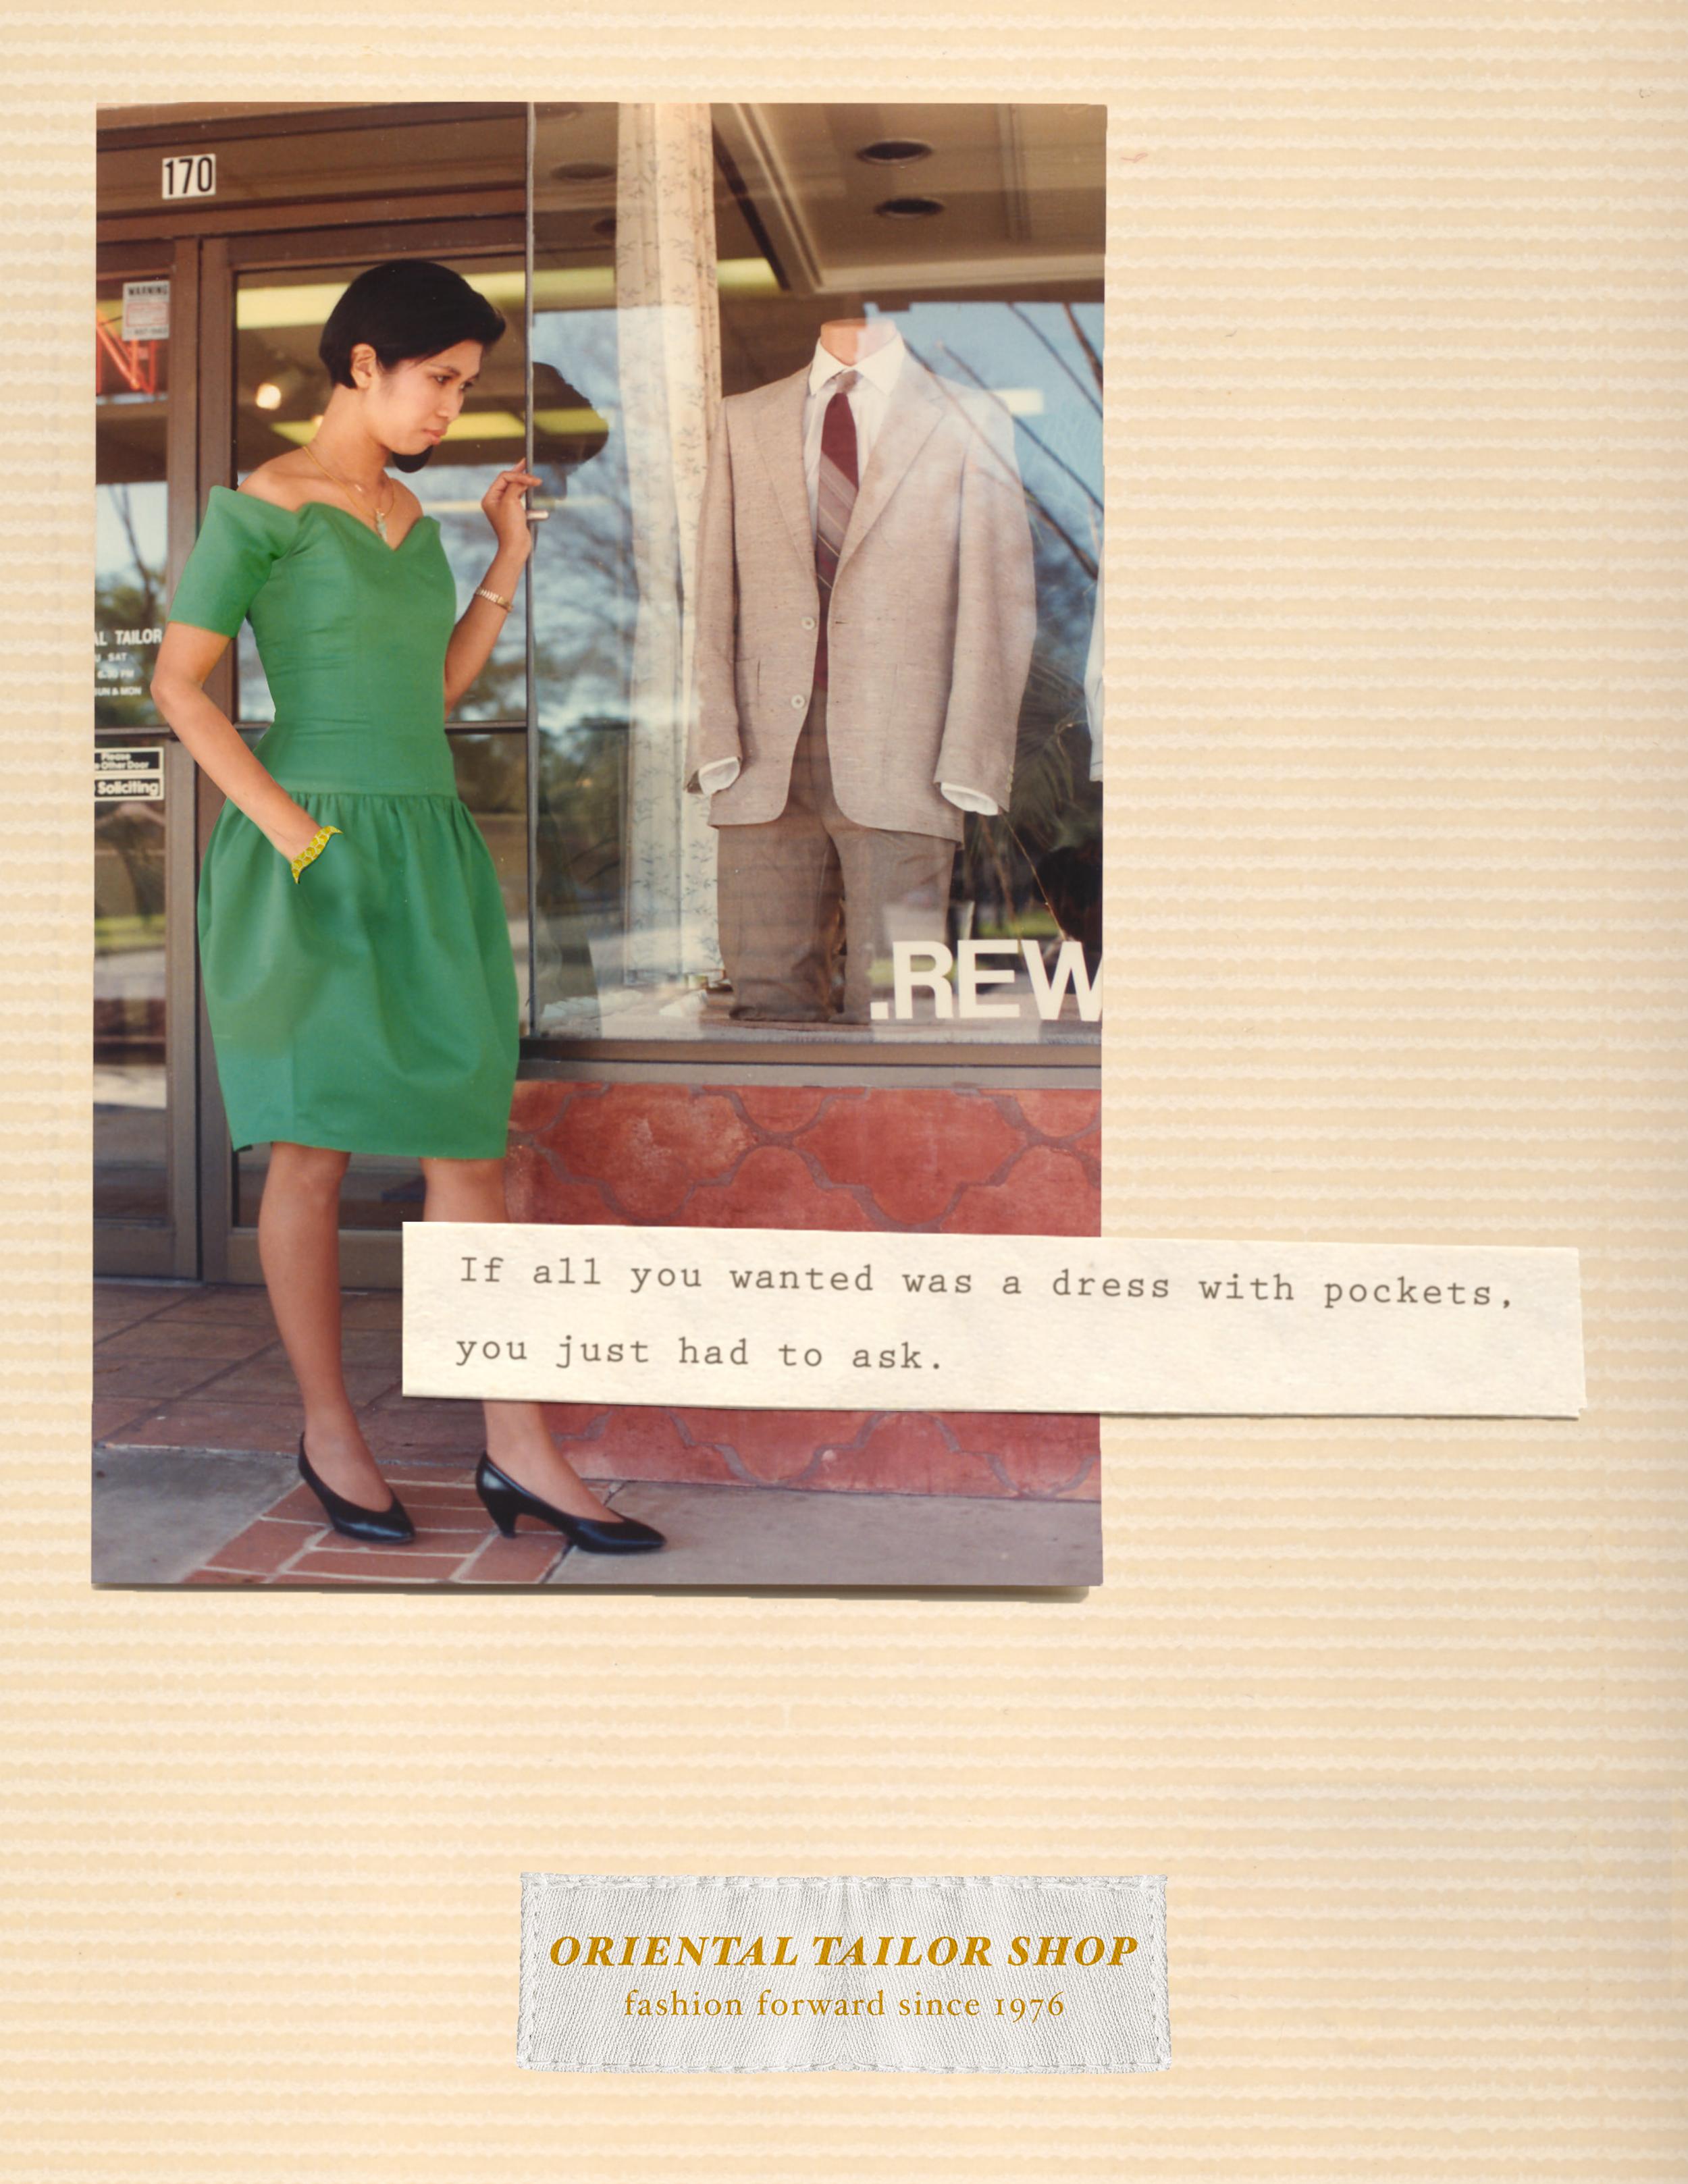 oriental-tailor-shop_print_pocket_8d5x11_180918_nh_v1.0.png